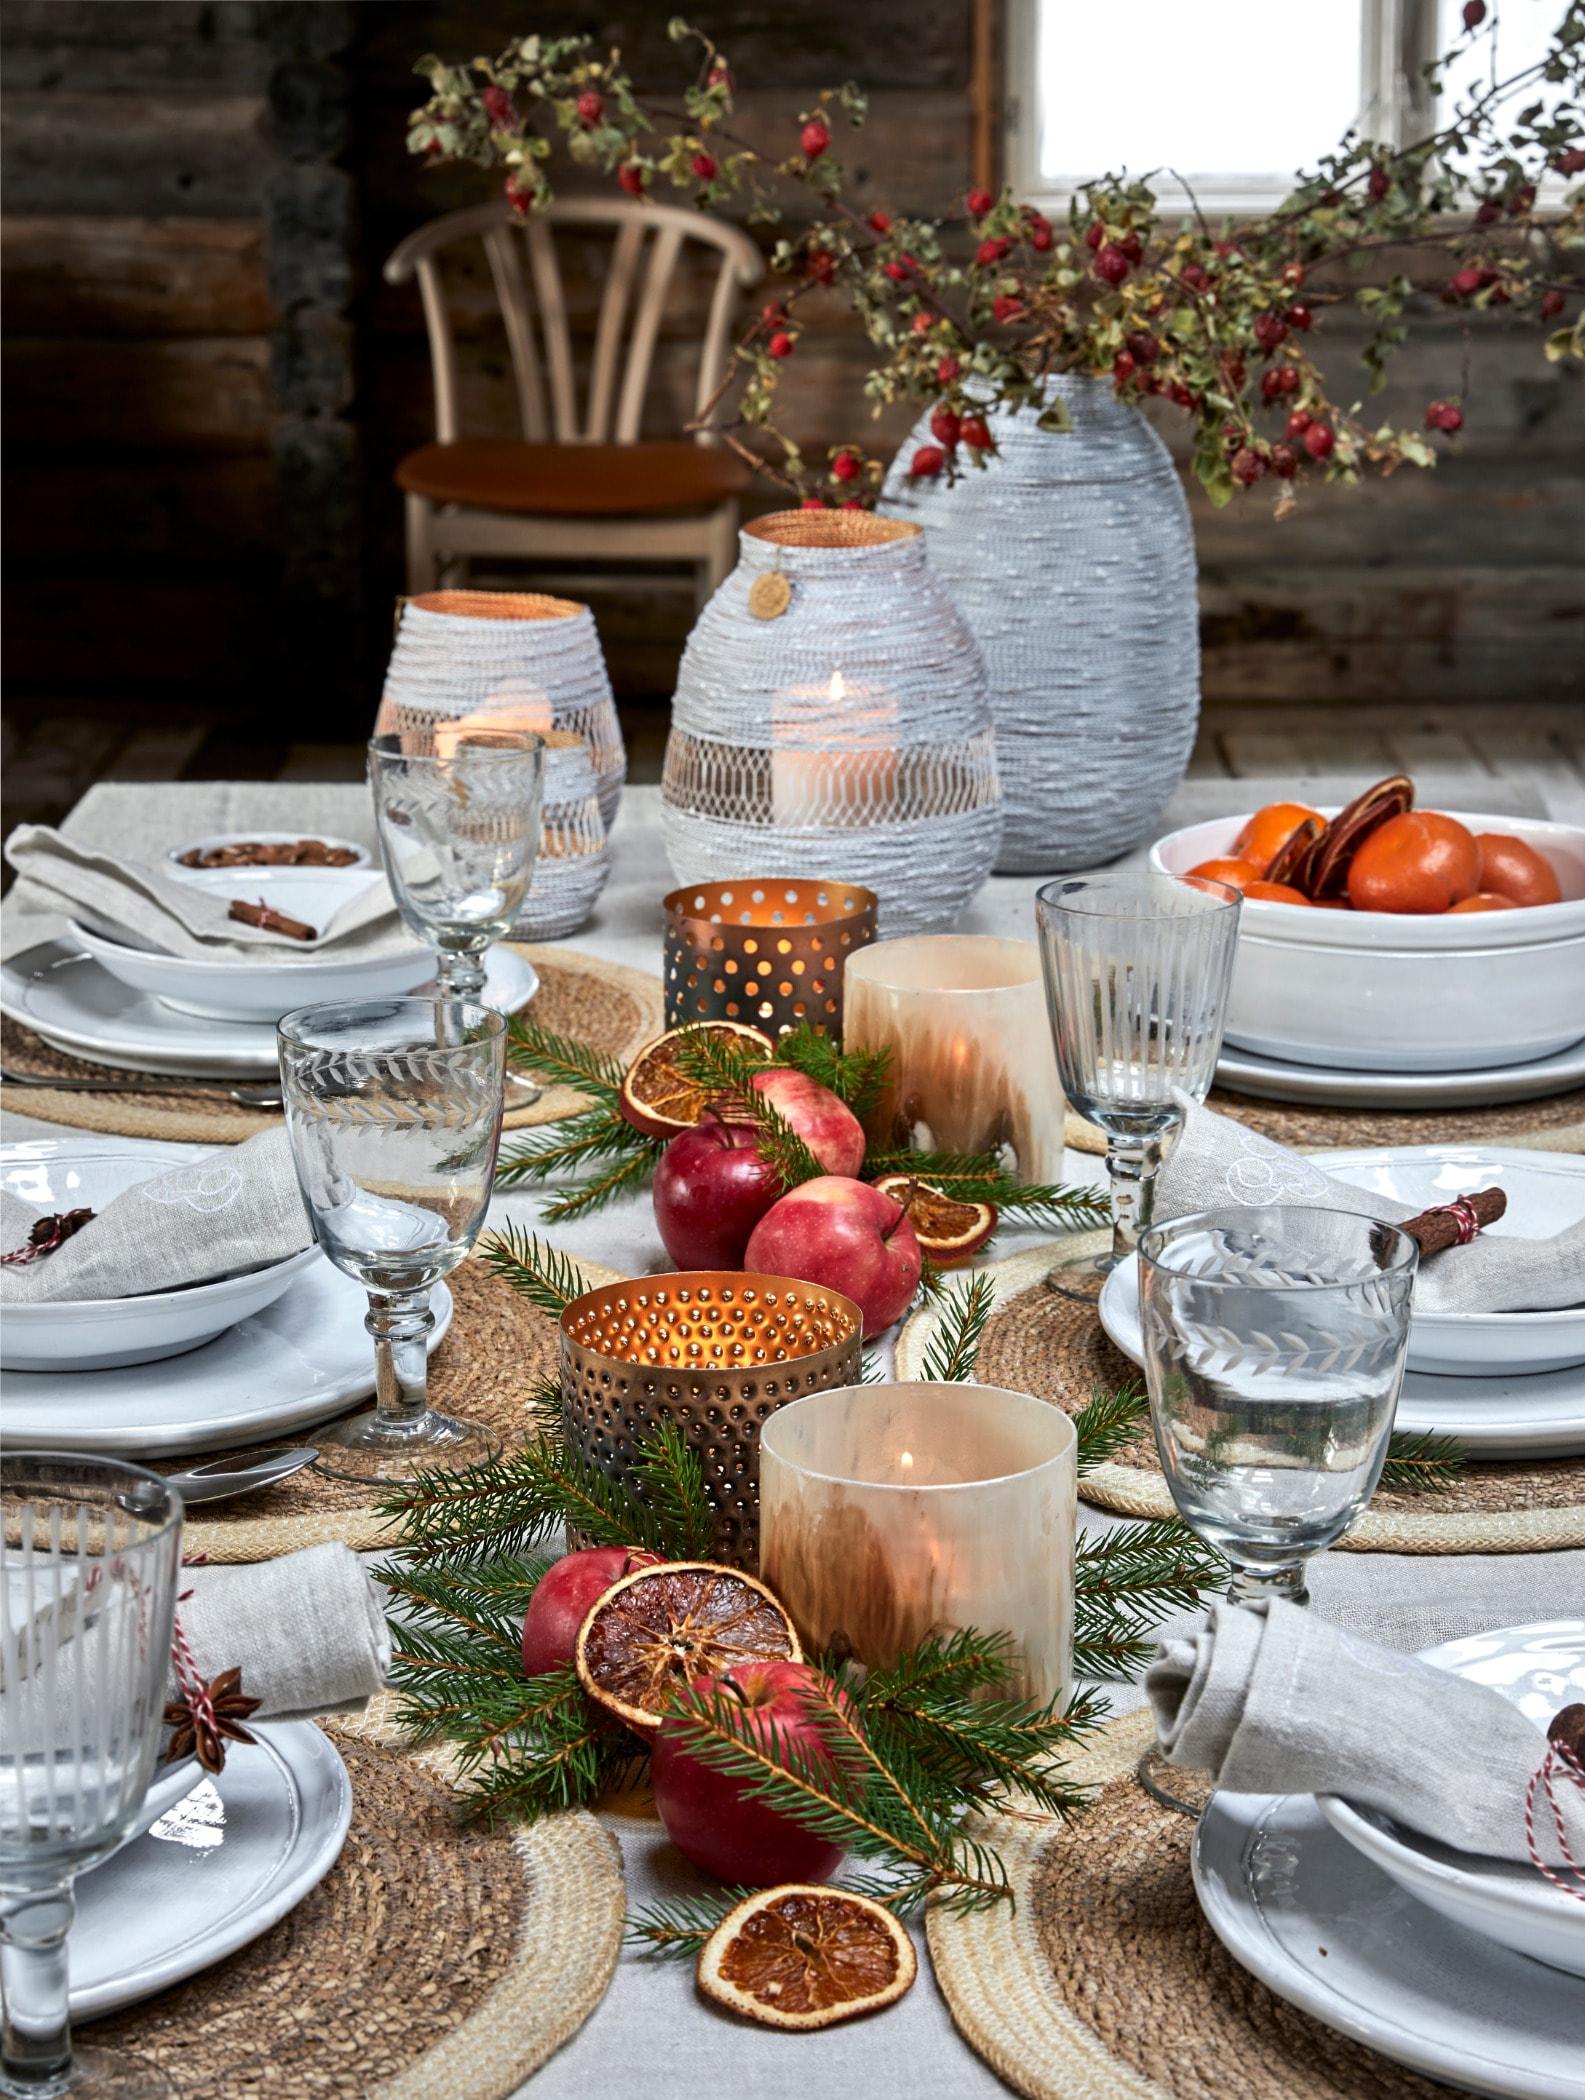 Tableware, Table, Brunch, Food, Meal